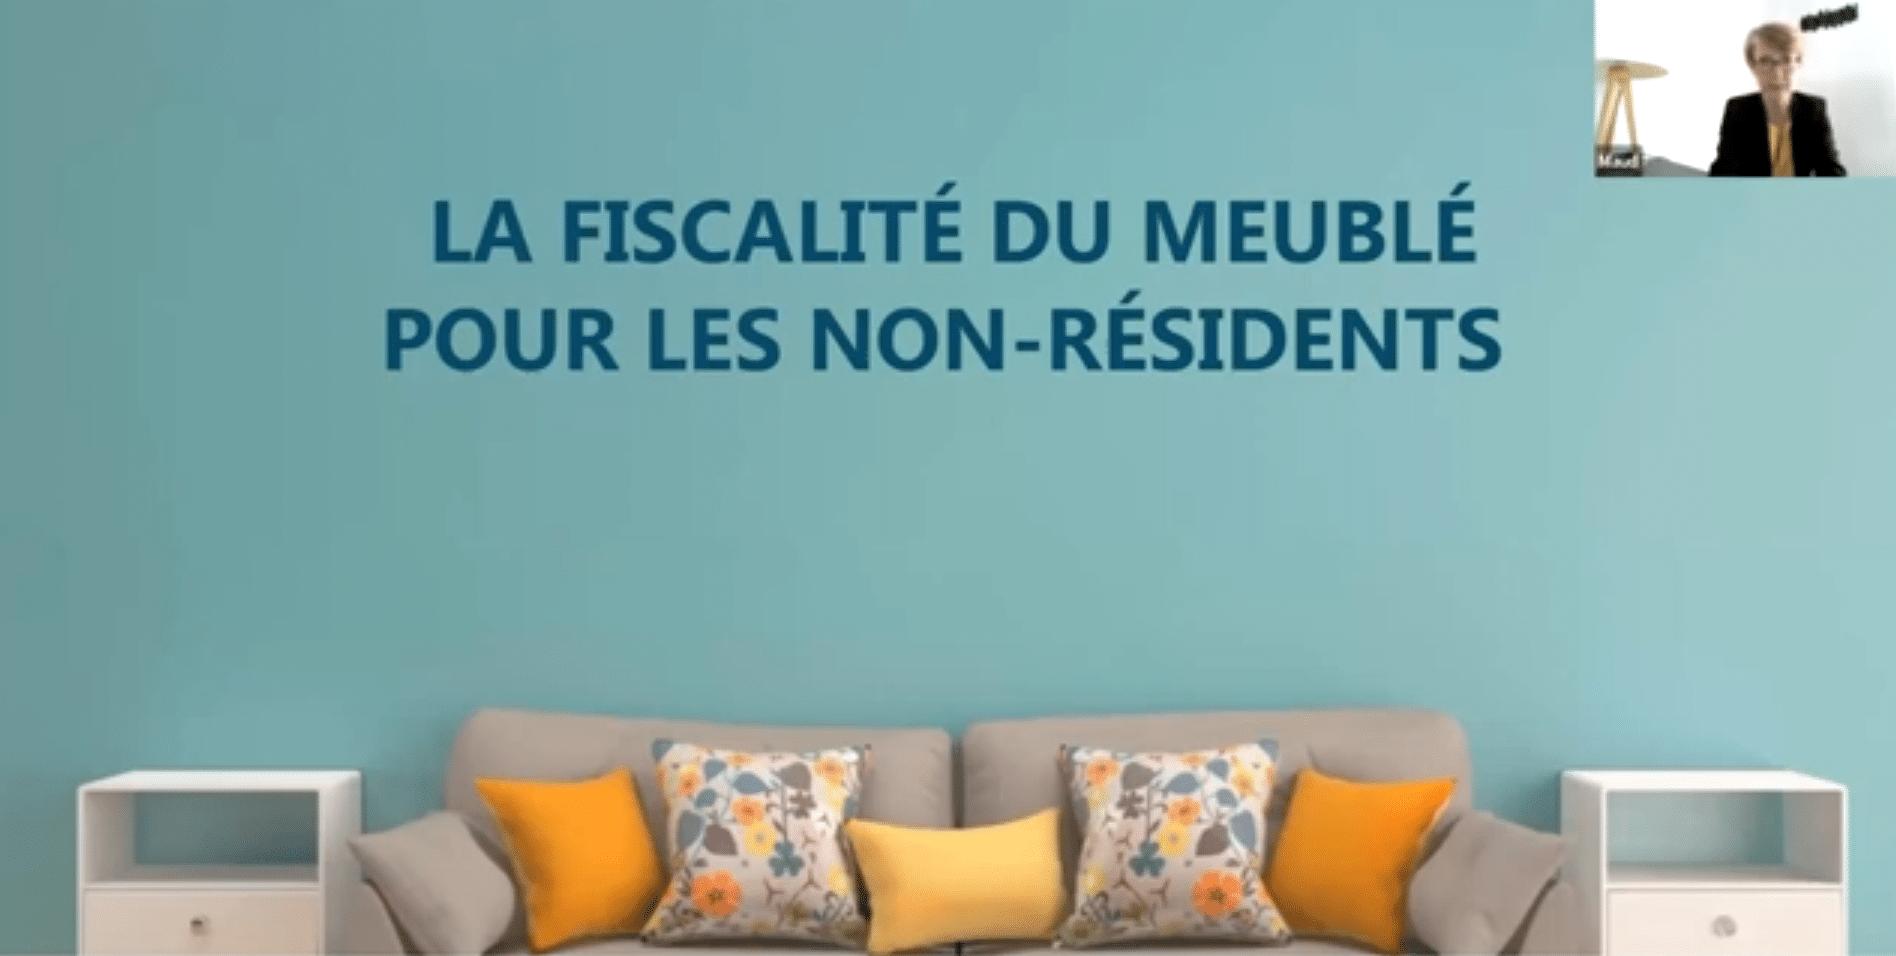 Replay Conference: Fiscalité LMNP LMP non-résidents